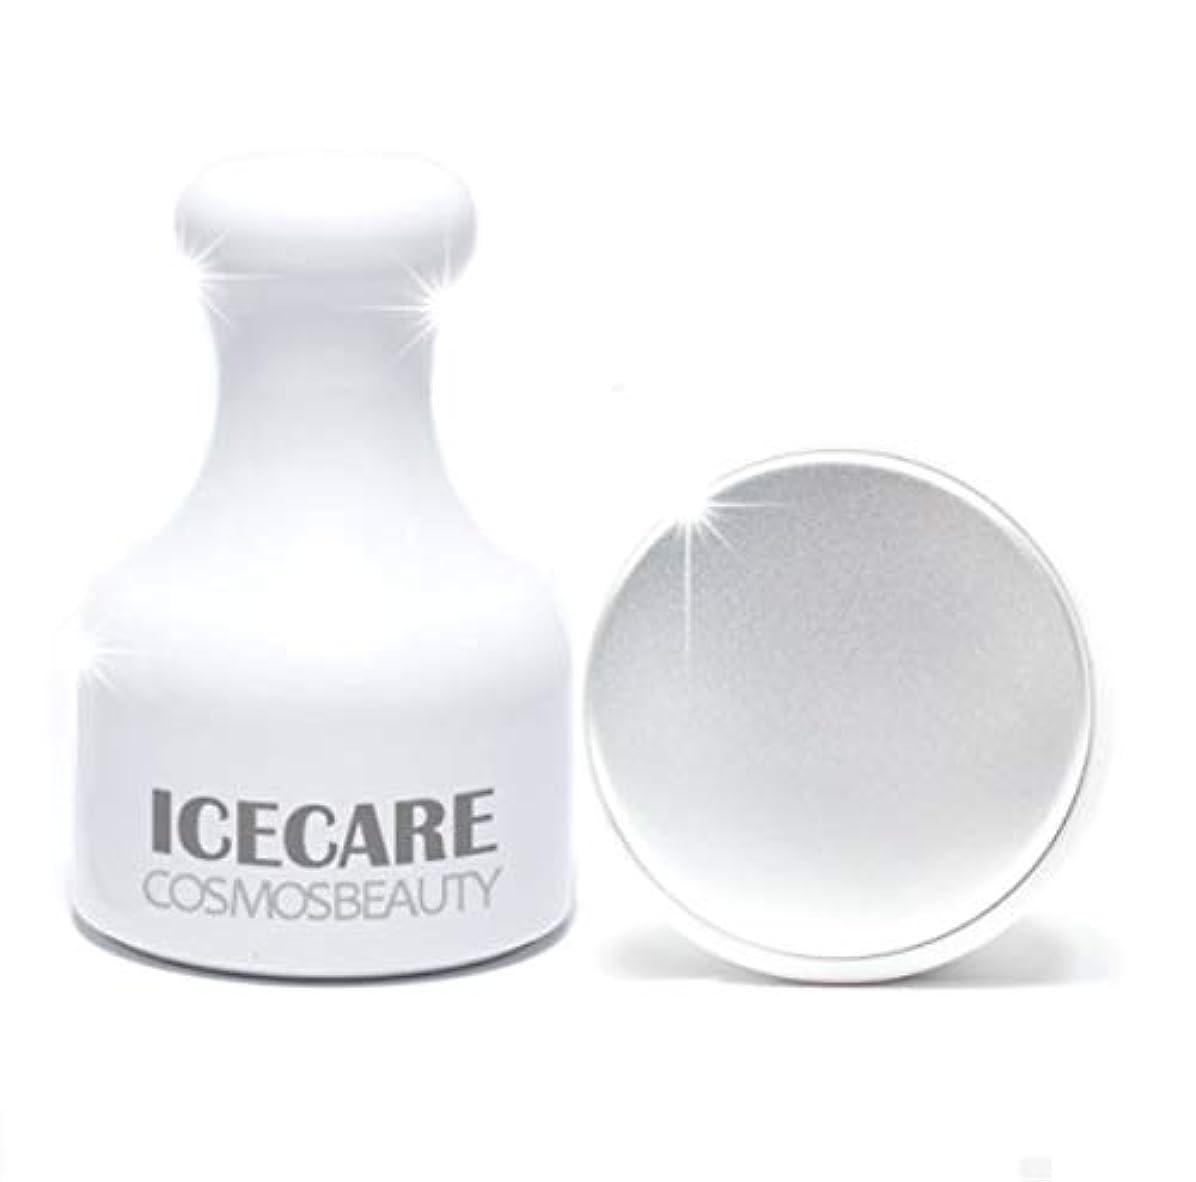 騒々しい黒くする預言者Cosmosbeauty Ice Care 毛穴ケア、冷マッサージ,フェイスクーラーアイスローラーフェイスローラー顔マッサージ機構の腫れ抜き方法毛穴縮小(海外直送品)